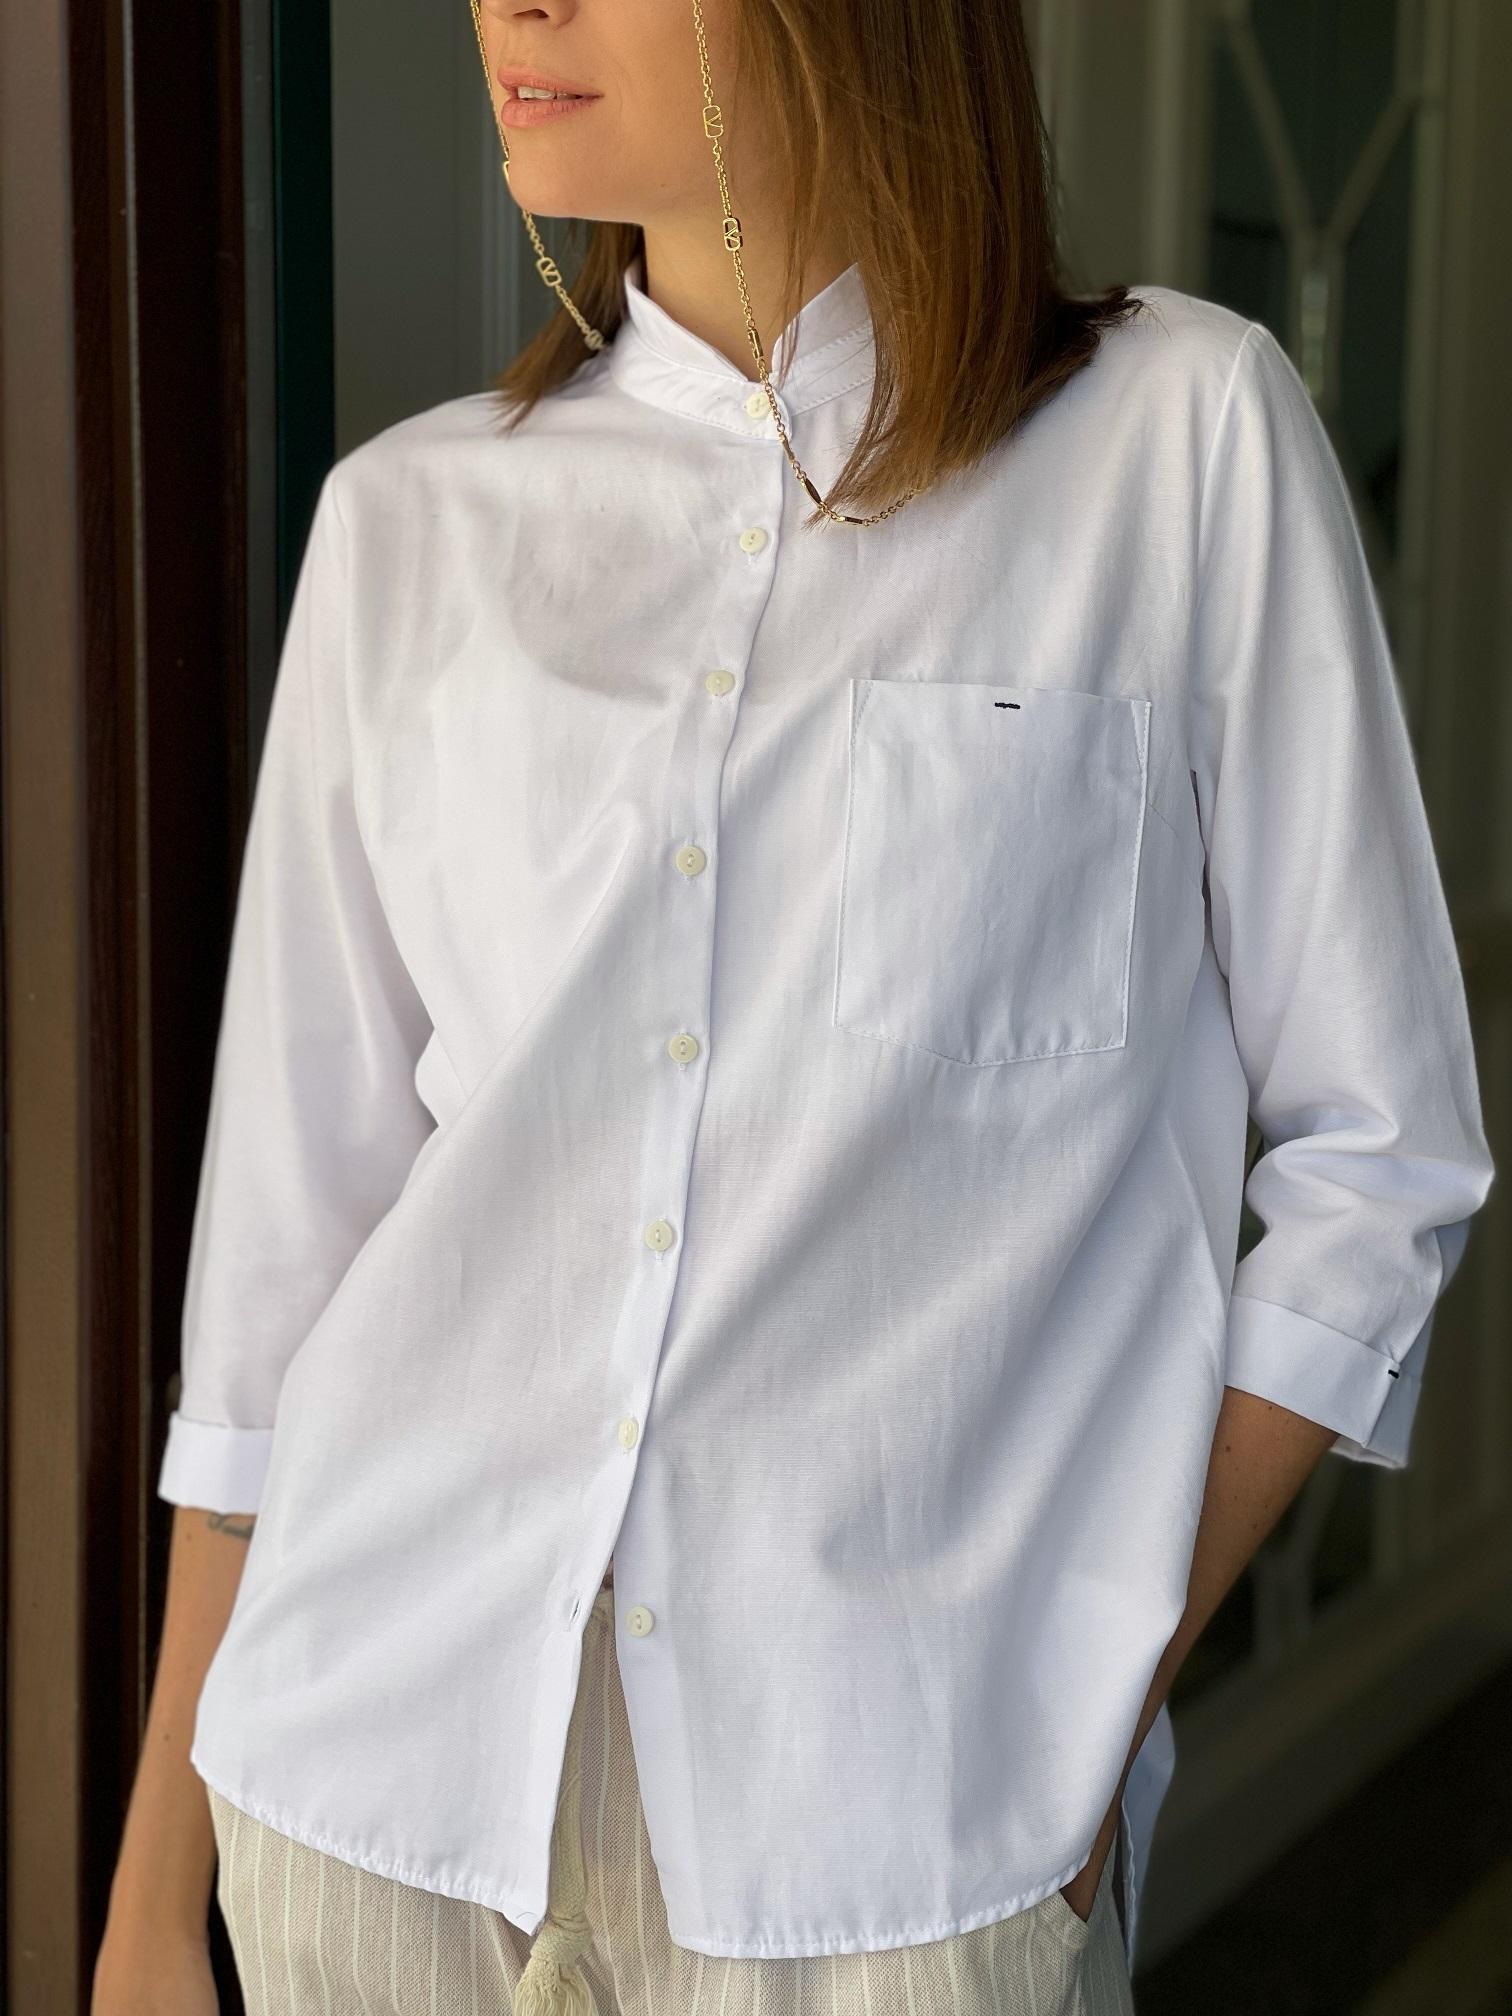 Рубашка, Ballerina, Secret (белый)